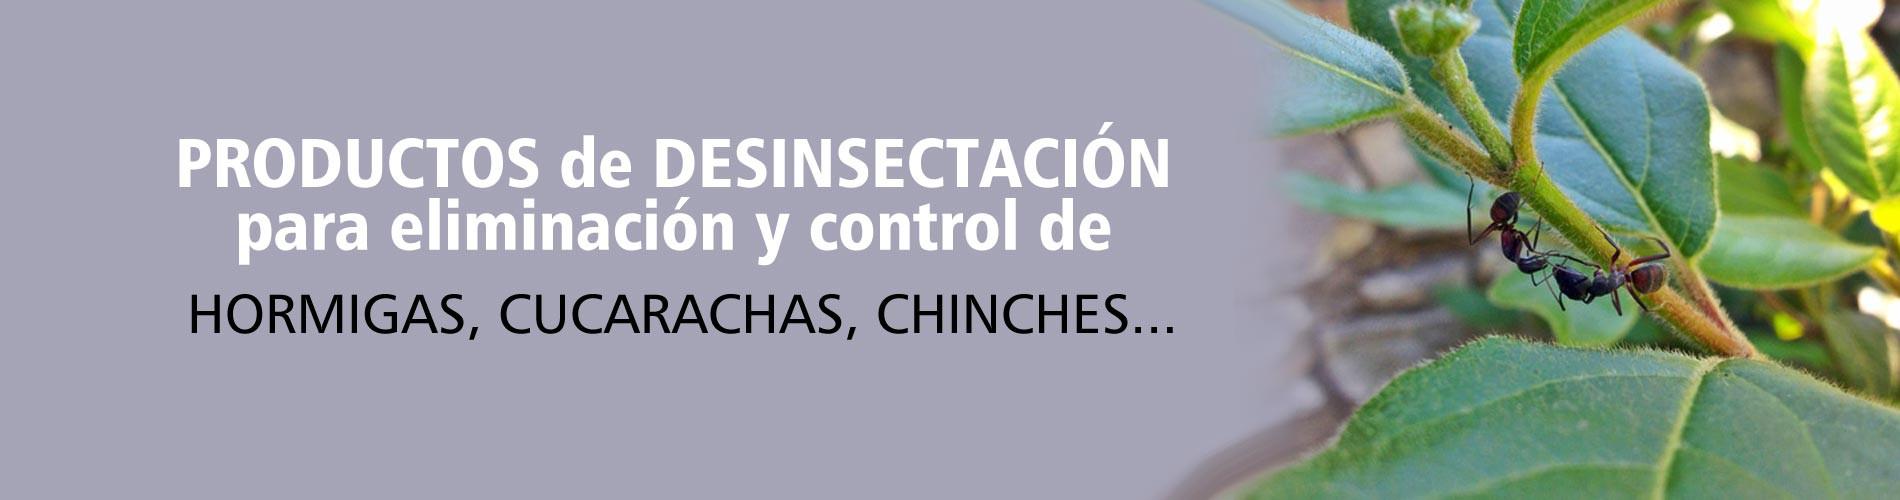 Productos de desinsectación para eliminación y control de Plagas